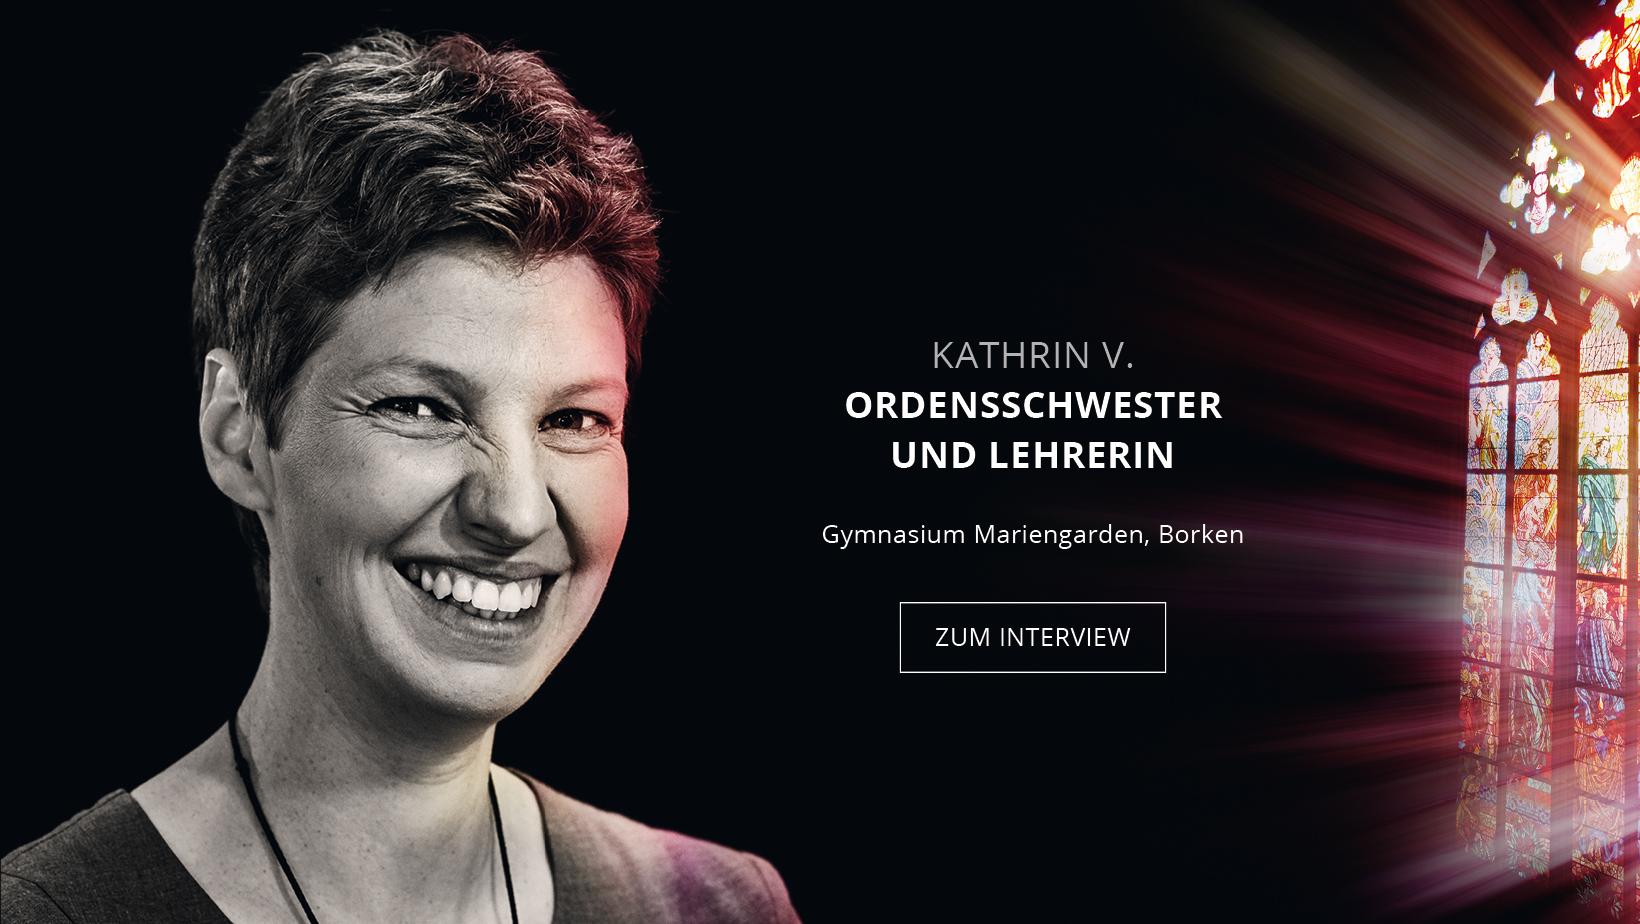 Ordensschwester und Lehrerin Kathrin Vogt